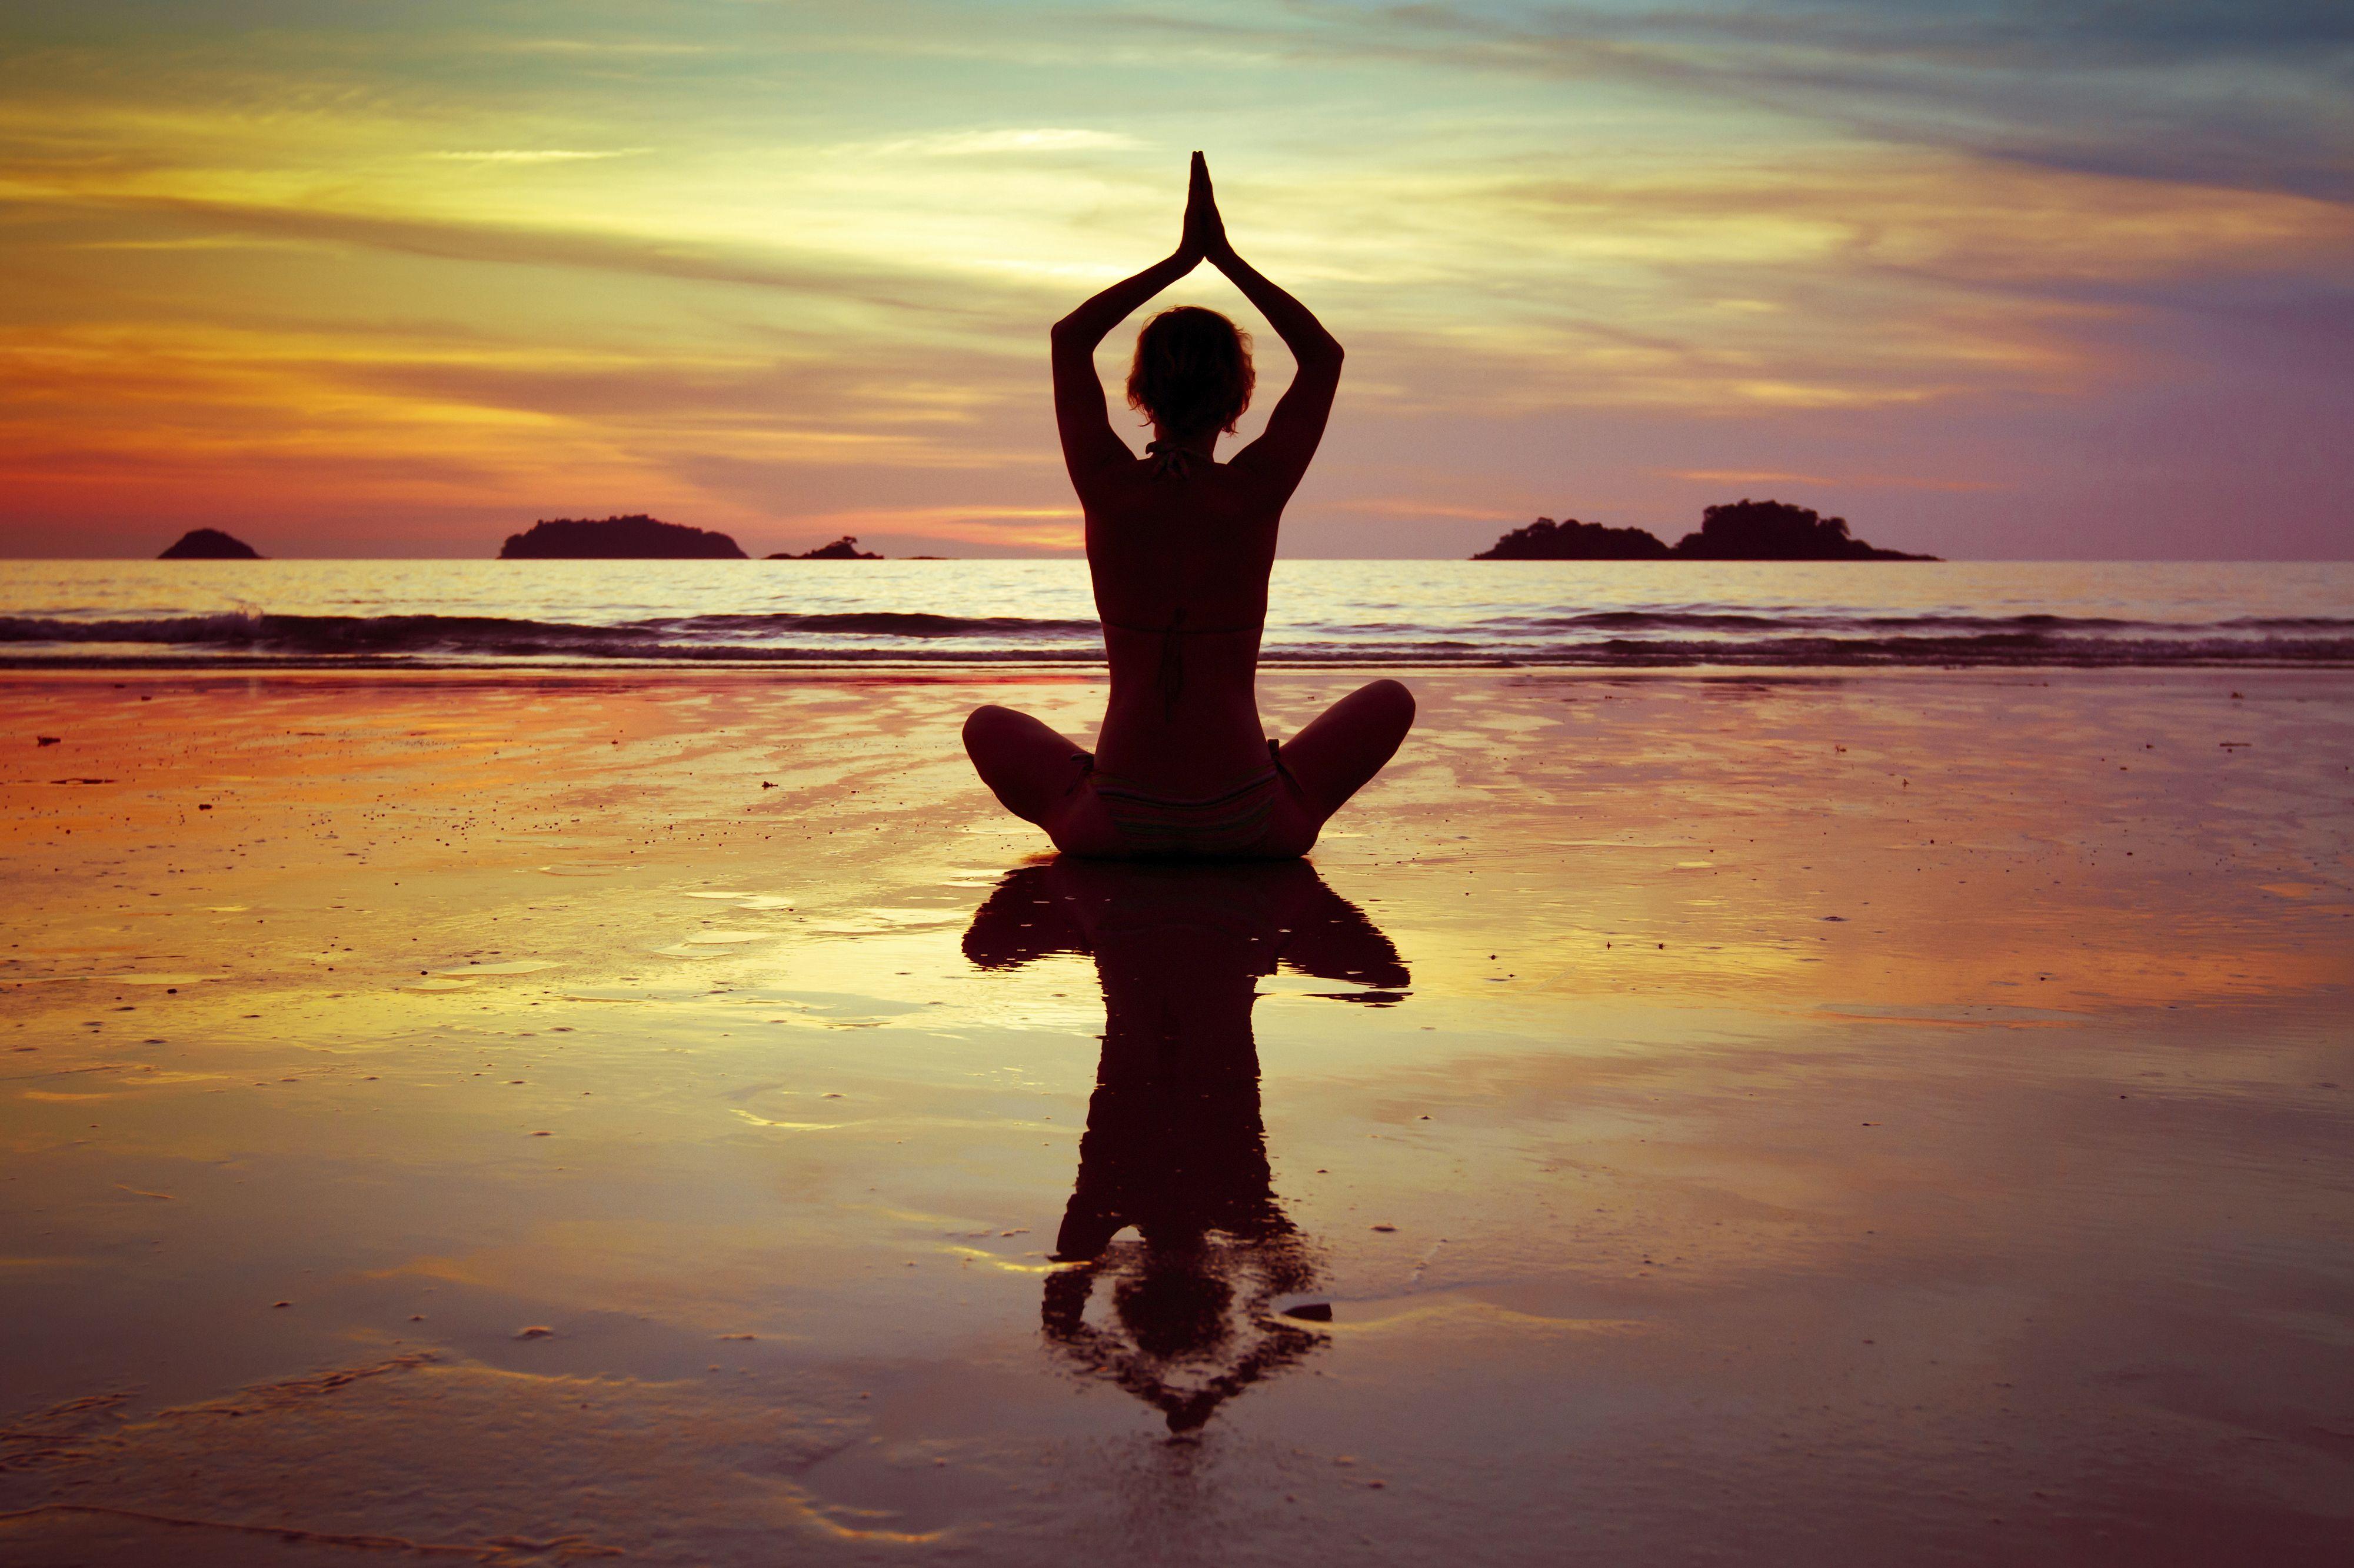 Frases Sobre Equilibrio Corpo E Mente: Yoga & Gestação: Uma Composição Perfeita Para O Equilíbrio